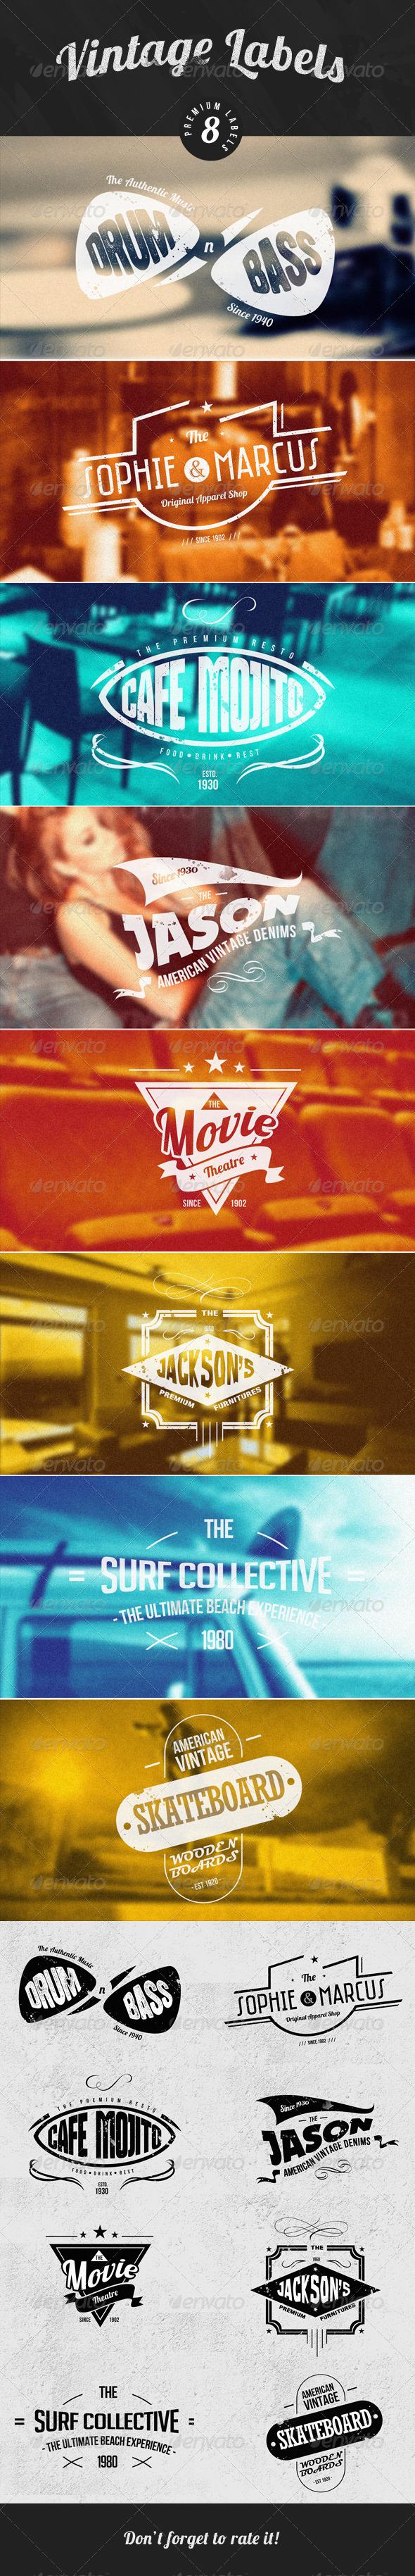 Vintage Logos / Badges / stickers V1 - Badges & Stickers Web Elements